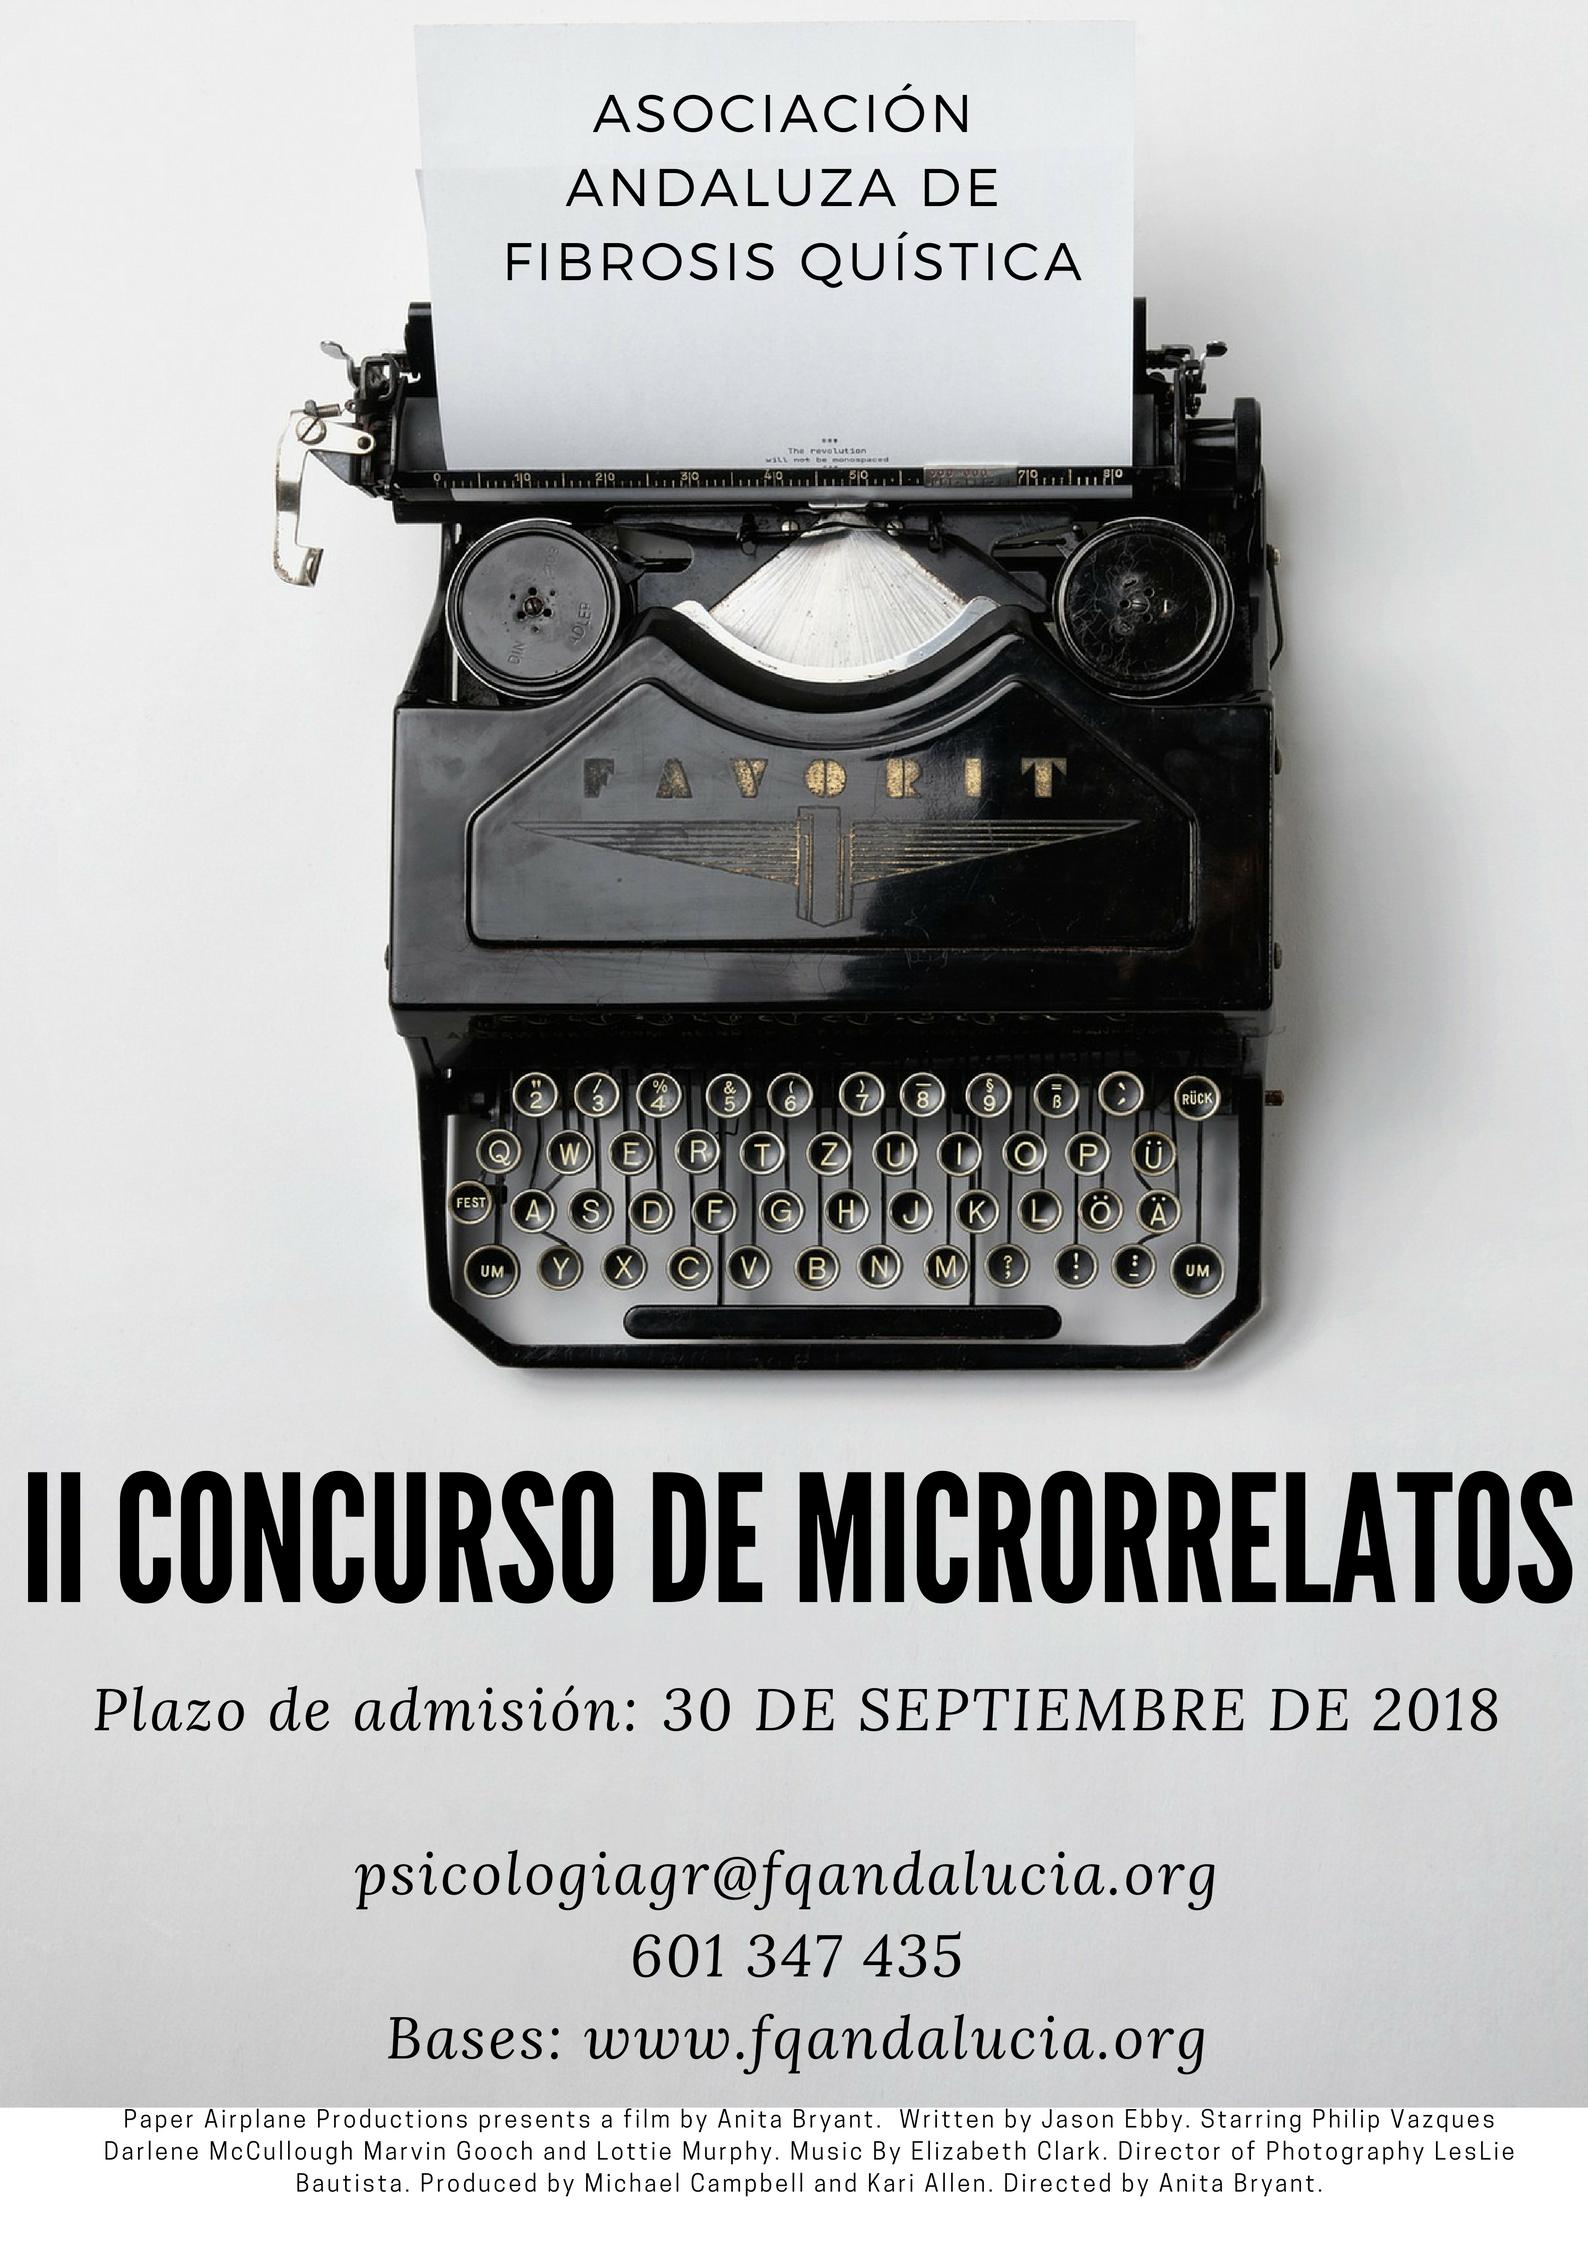 II CONCURSO DE MICRORRELATOS DE LA  ASOCIACIÓN ANDALUZA DE FIBROSIS QUÍSTICA